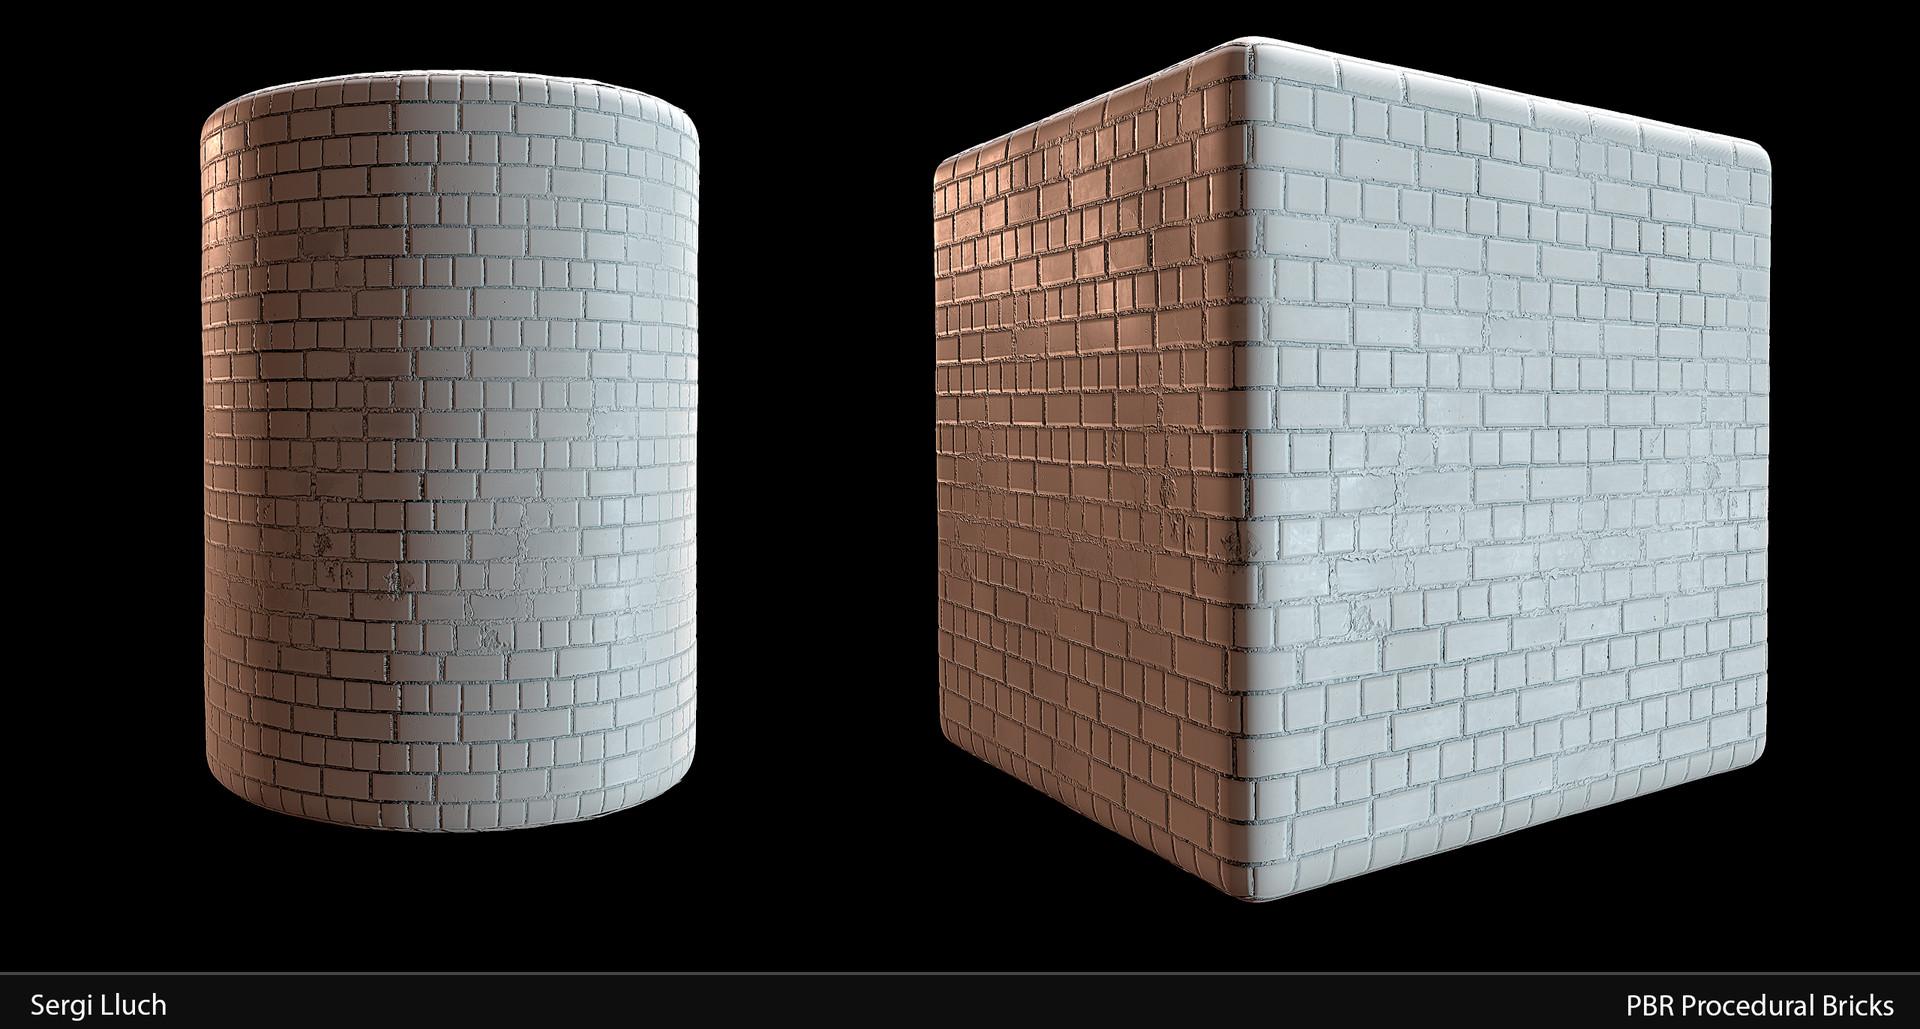 Sergi lluch marmo bricks